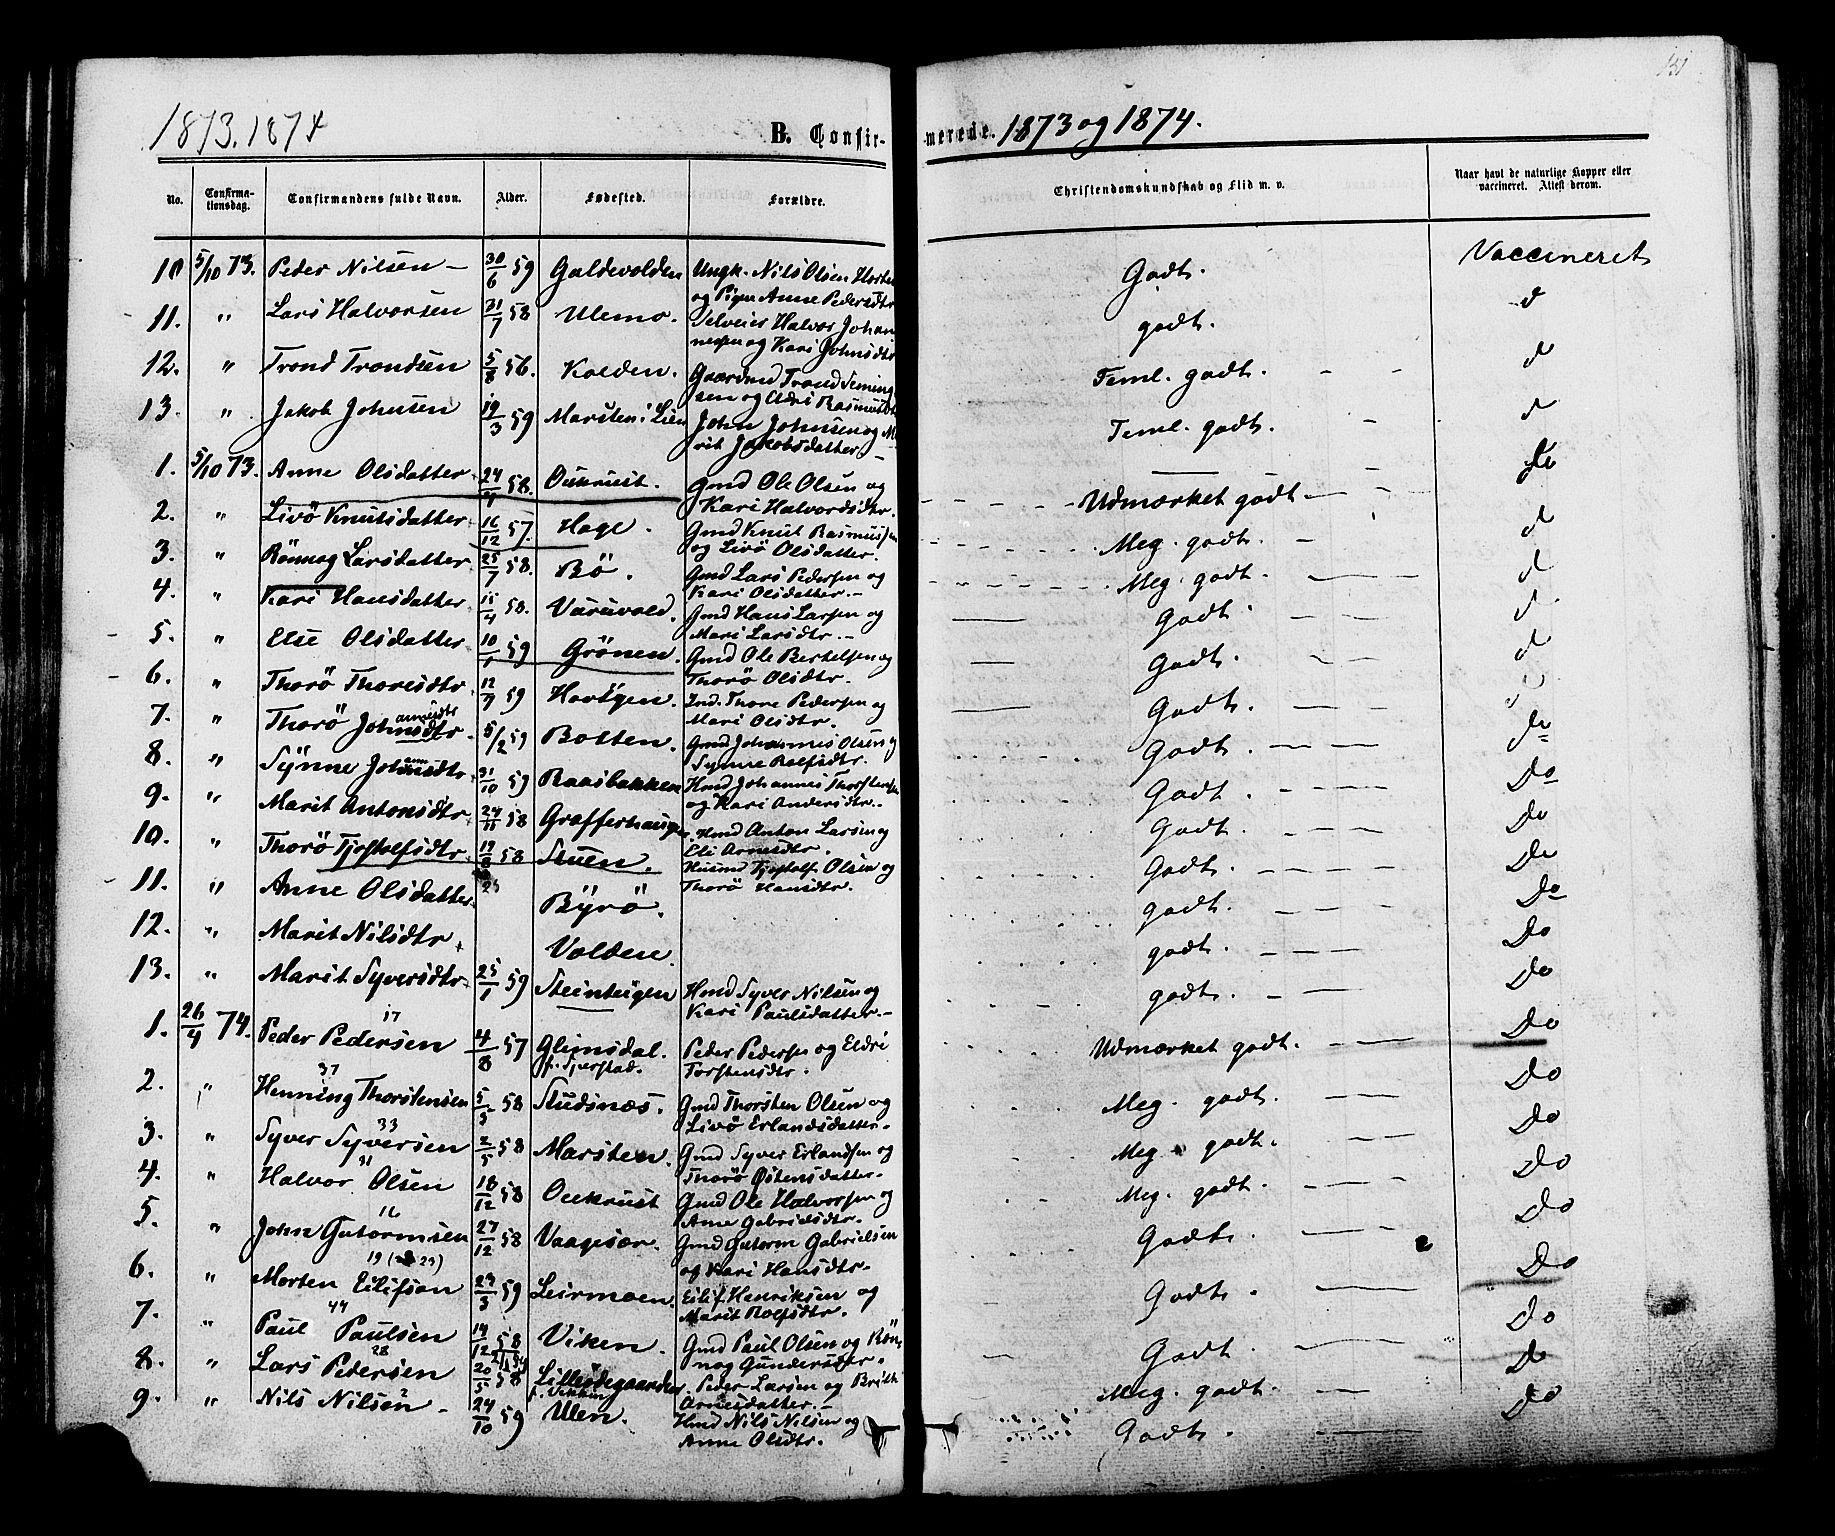 SAH, Lom prestekontor, K/L0007: Ministerialbok nr. 7, 1863-1884, s. 151